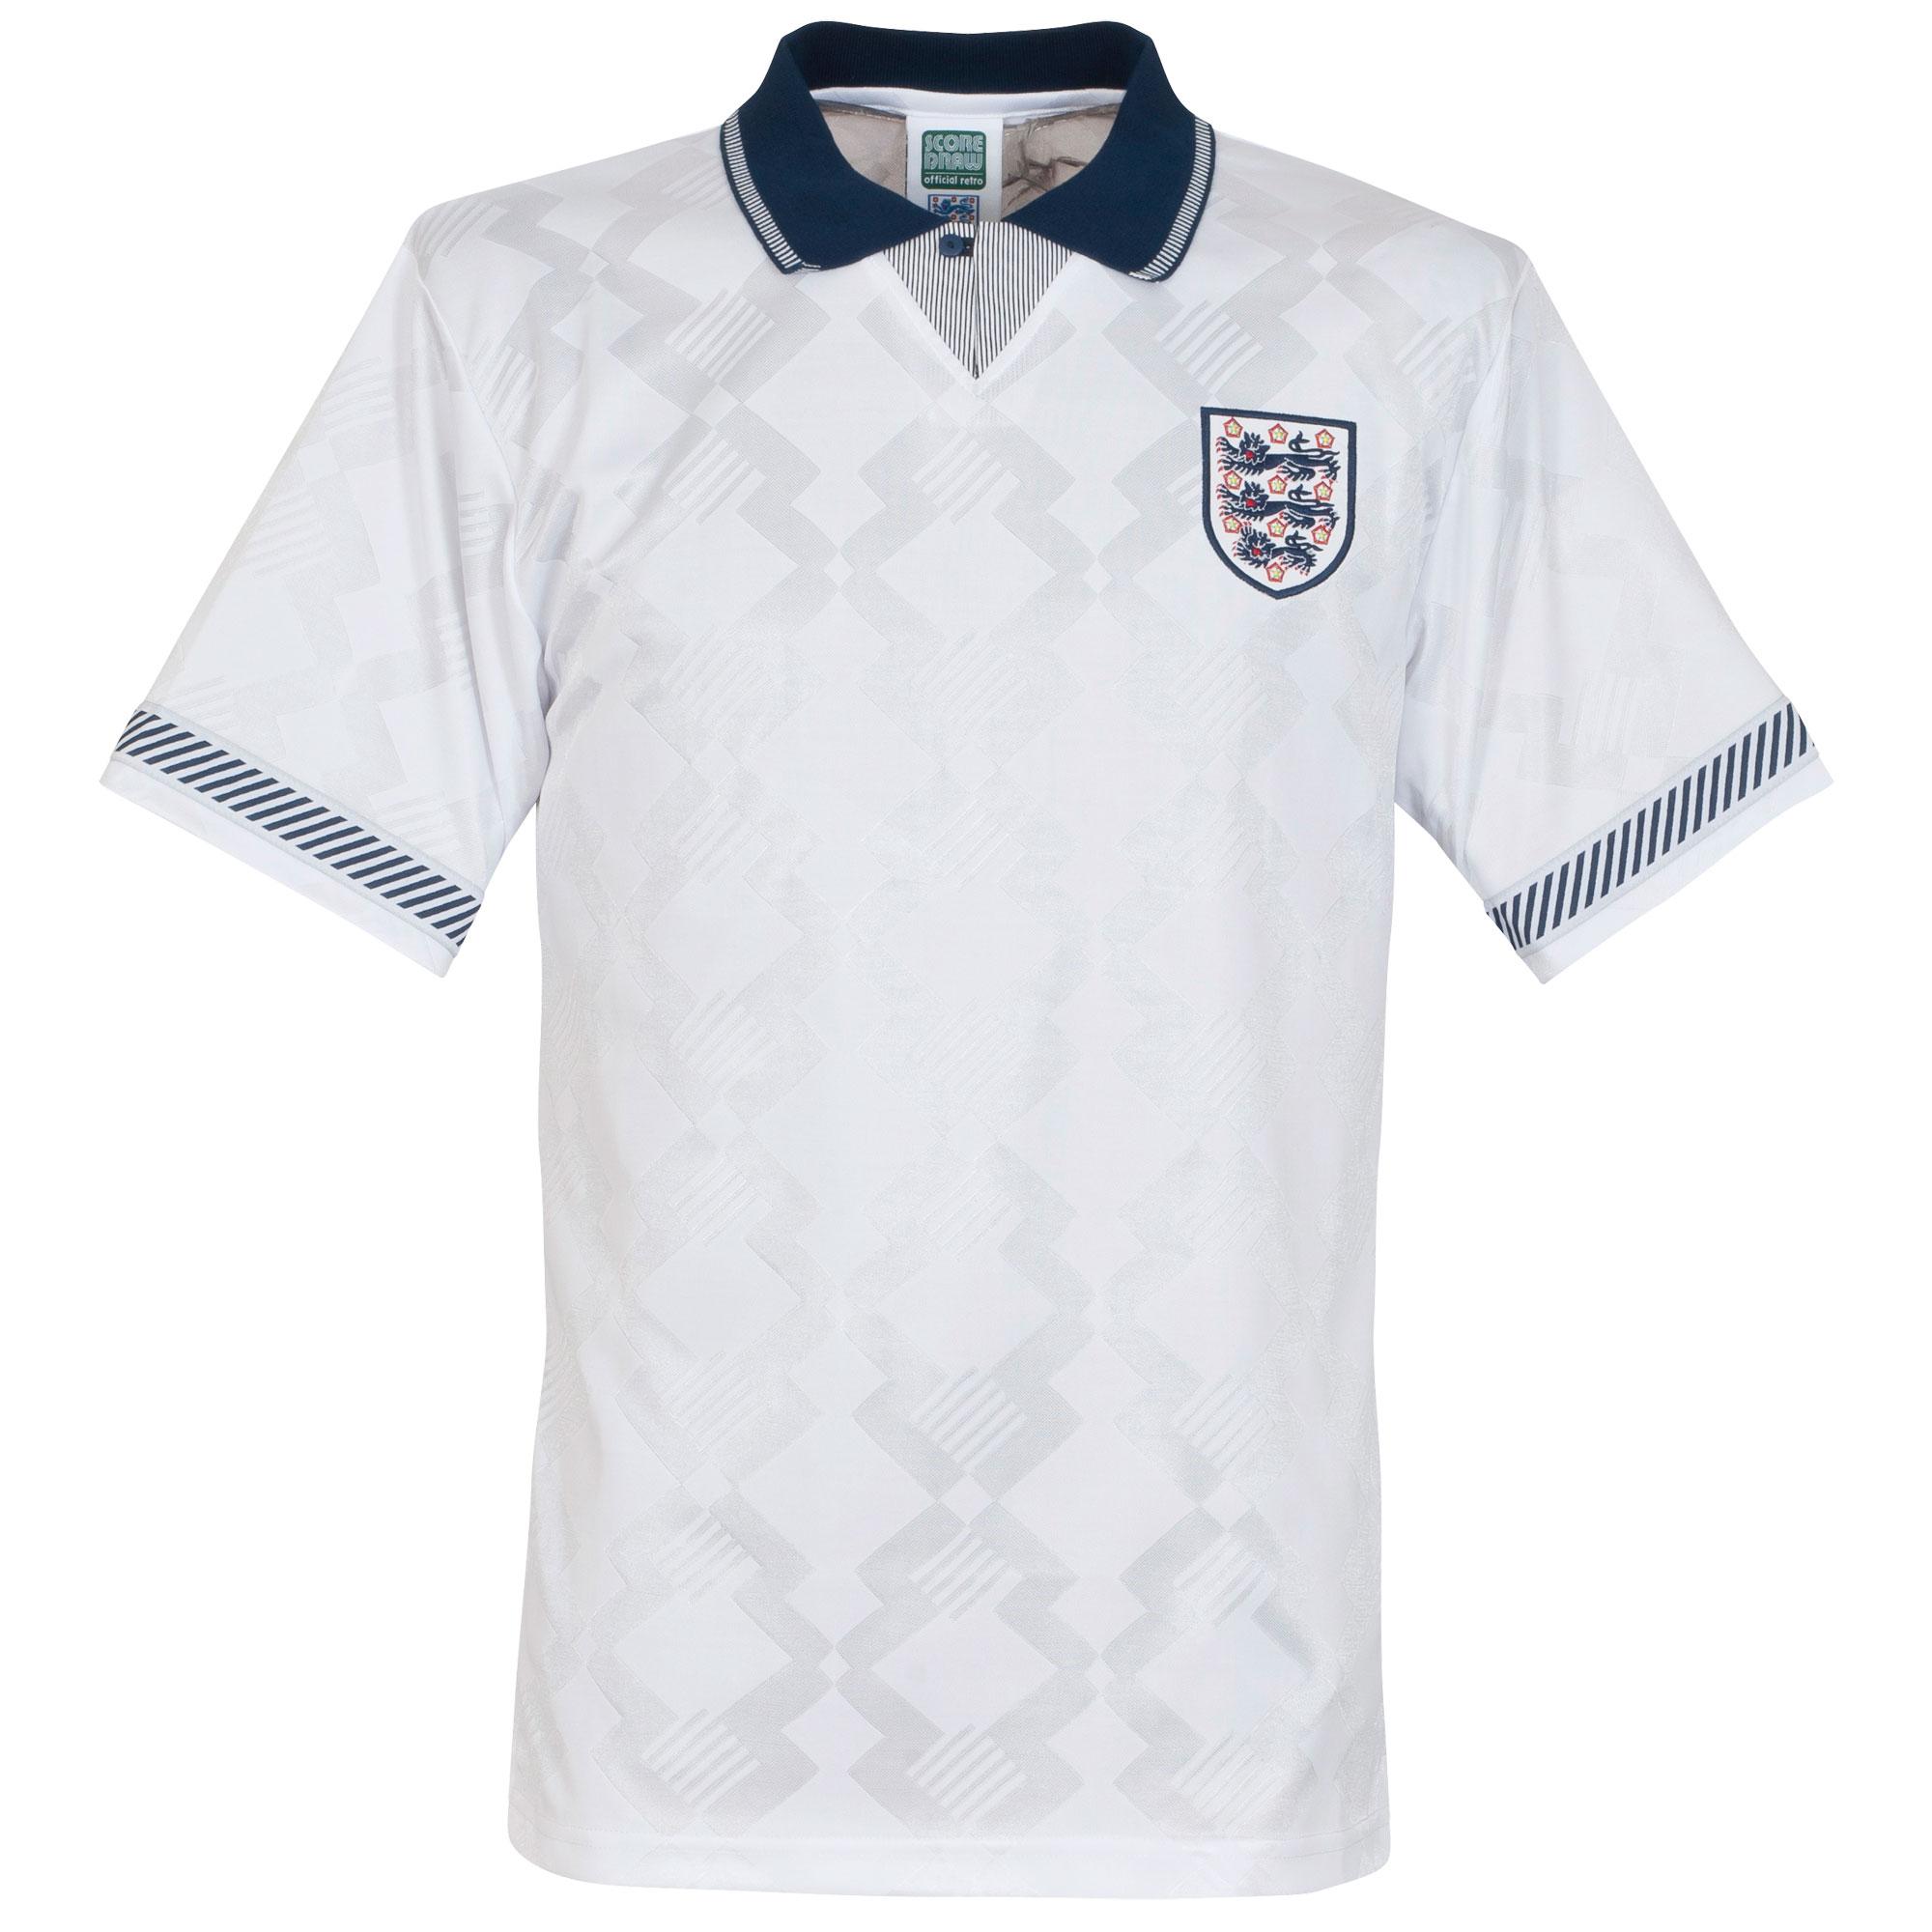 Score Draw England Home Retro Shirt World Cup 1990